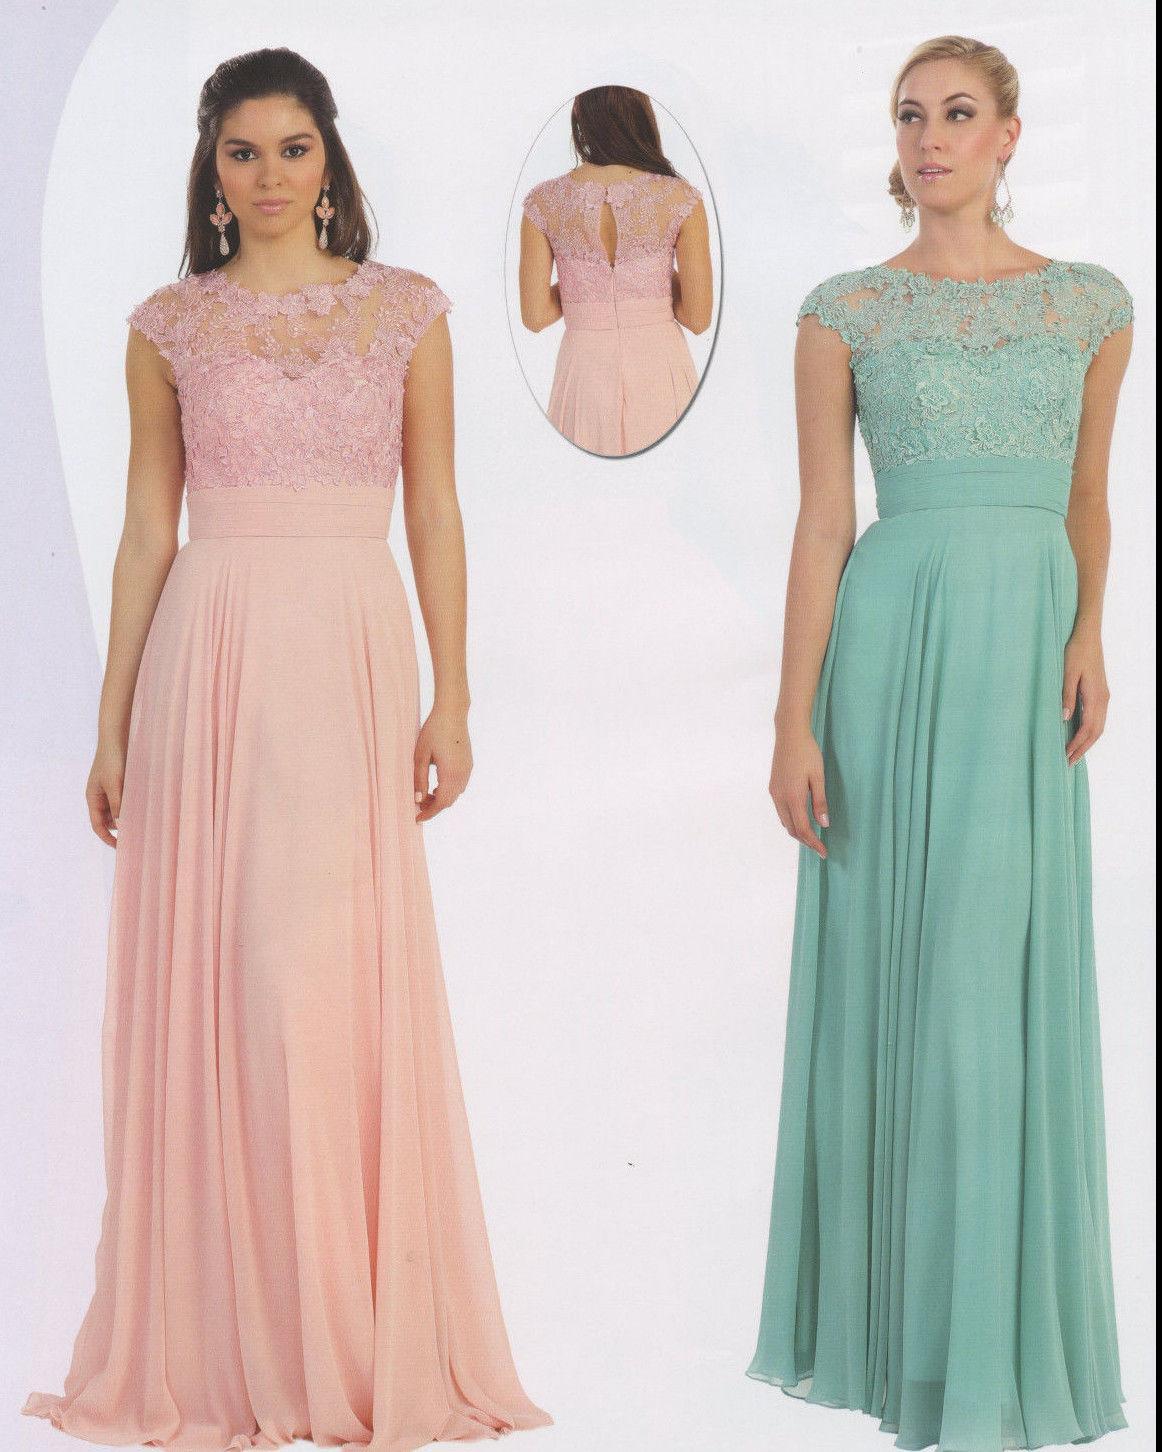 Großhandel Blush Mutter Der Braut Kleider Rosa Lace Prom Kleider ...